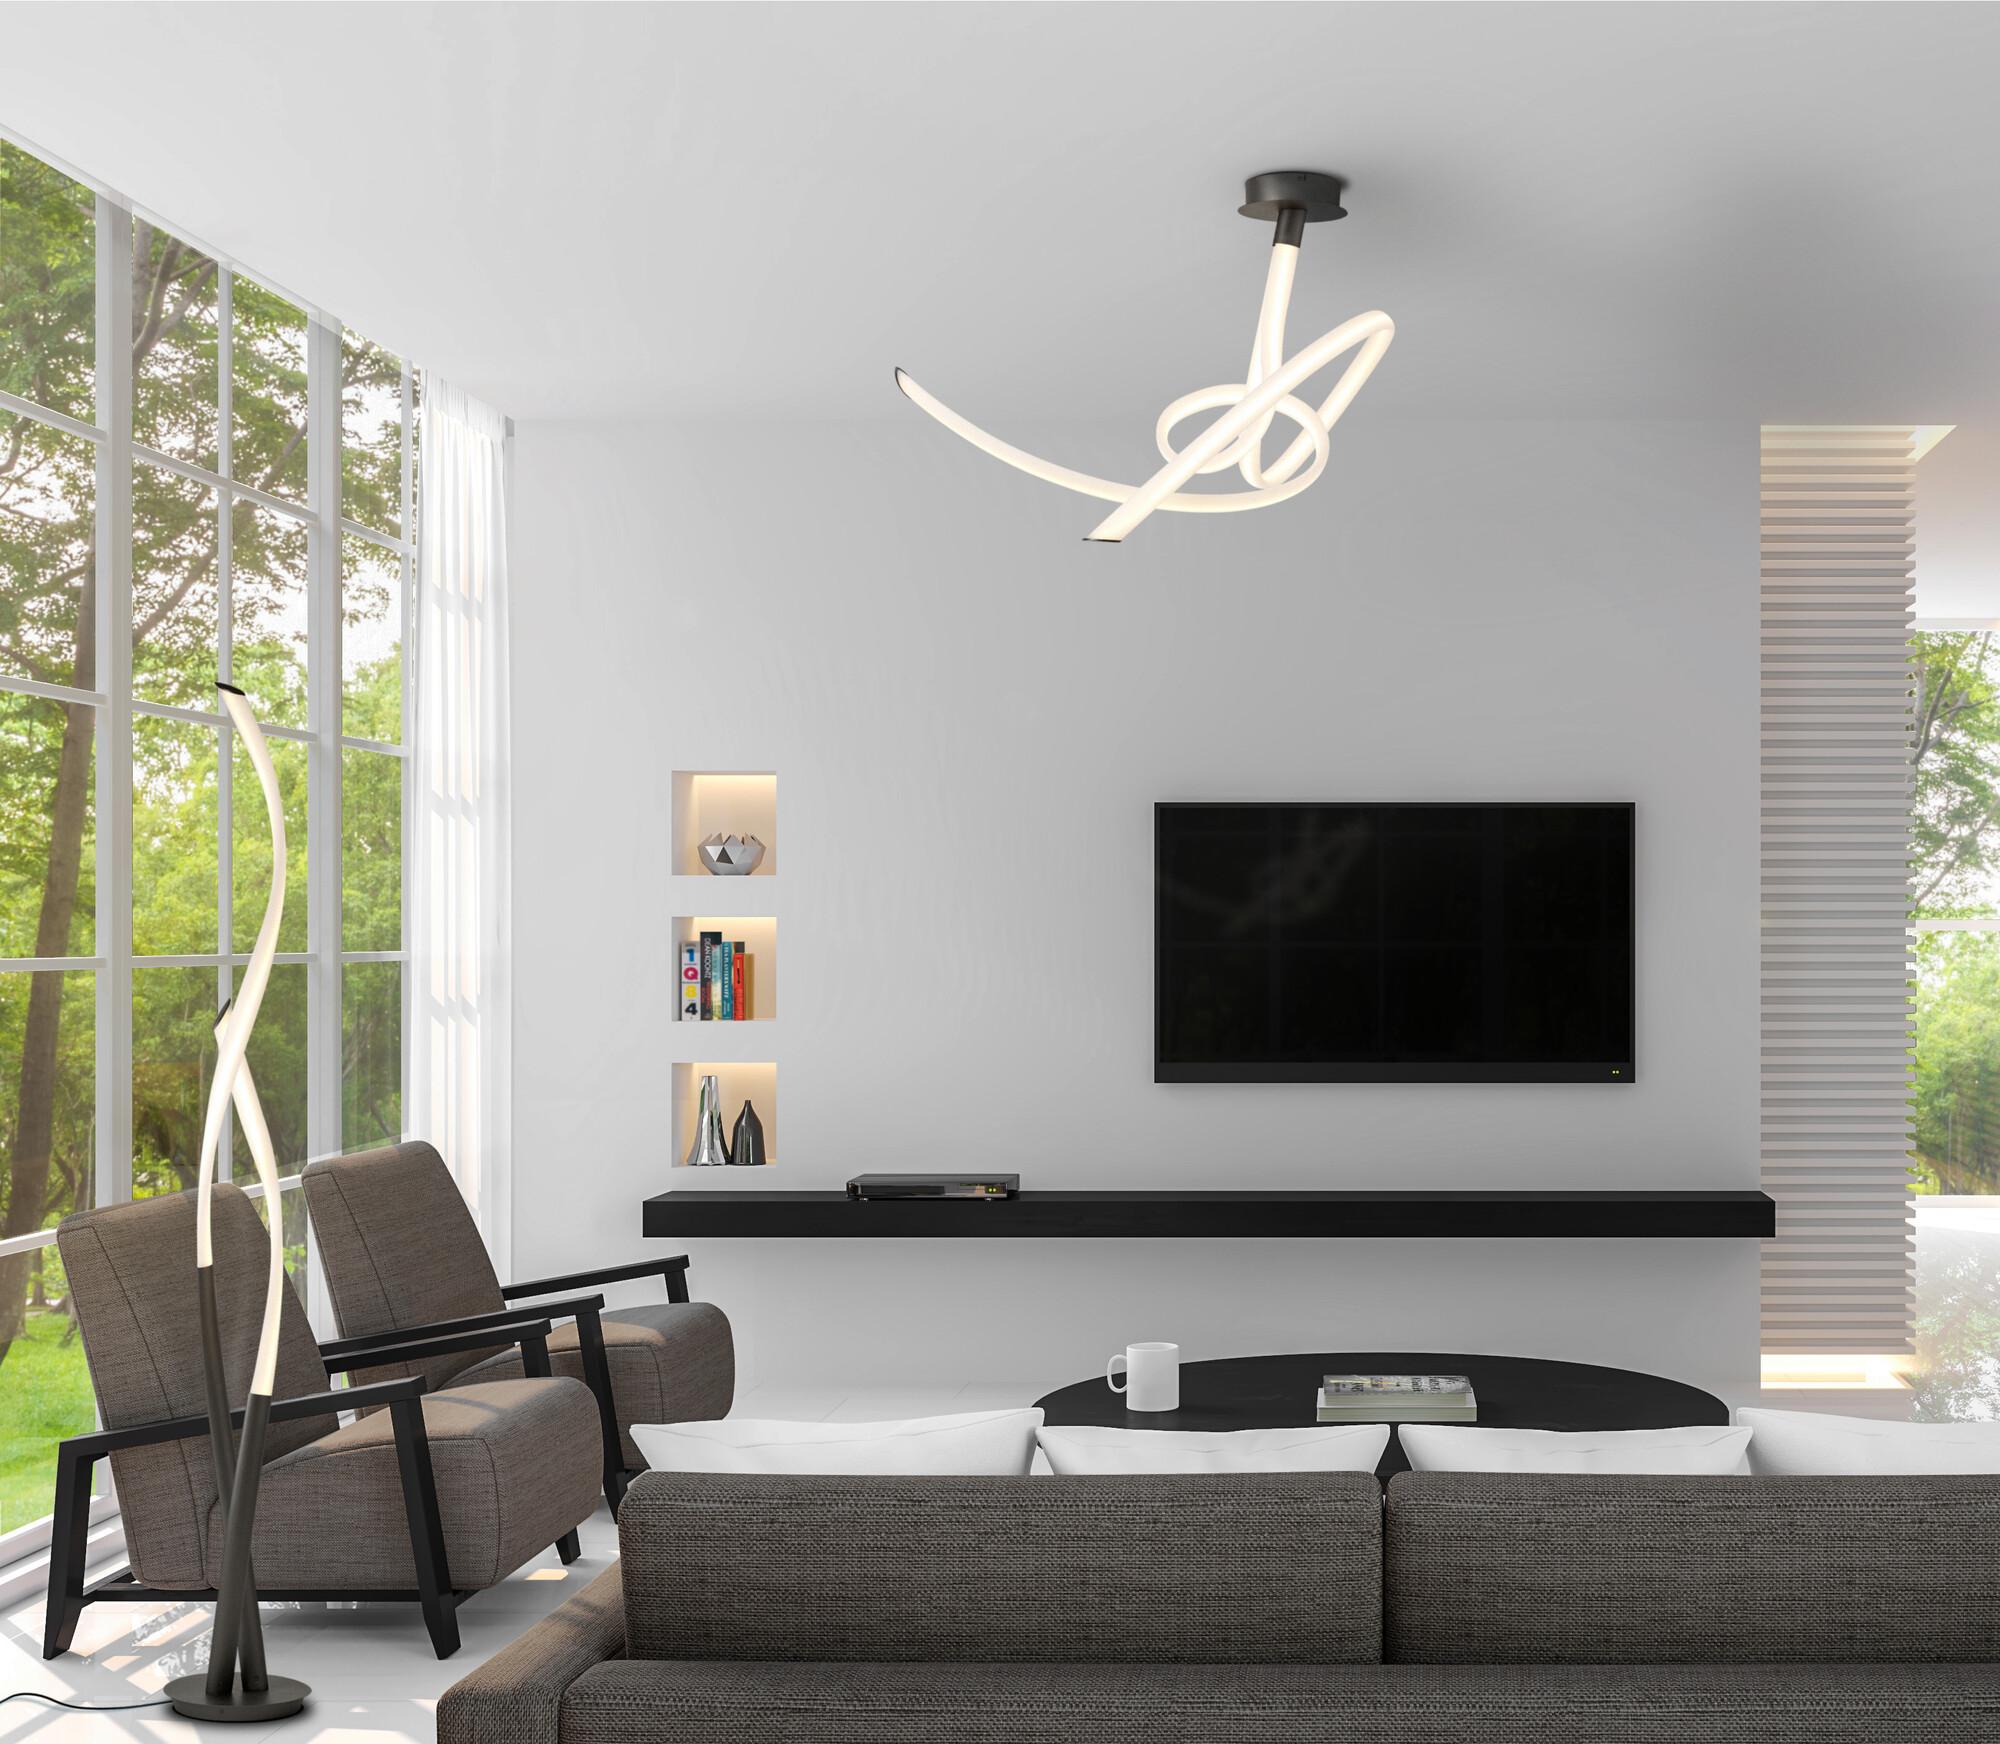 TITANIO Plafondlamp LED 1x60W/4500lm Wit